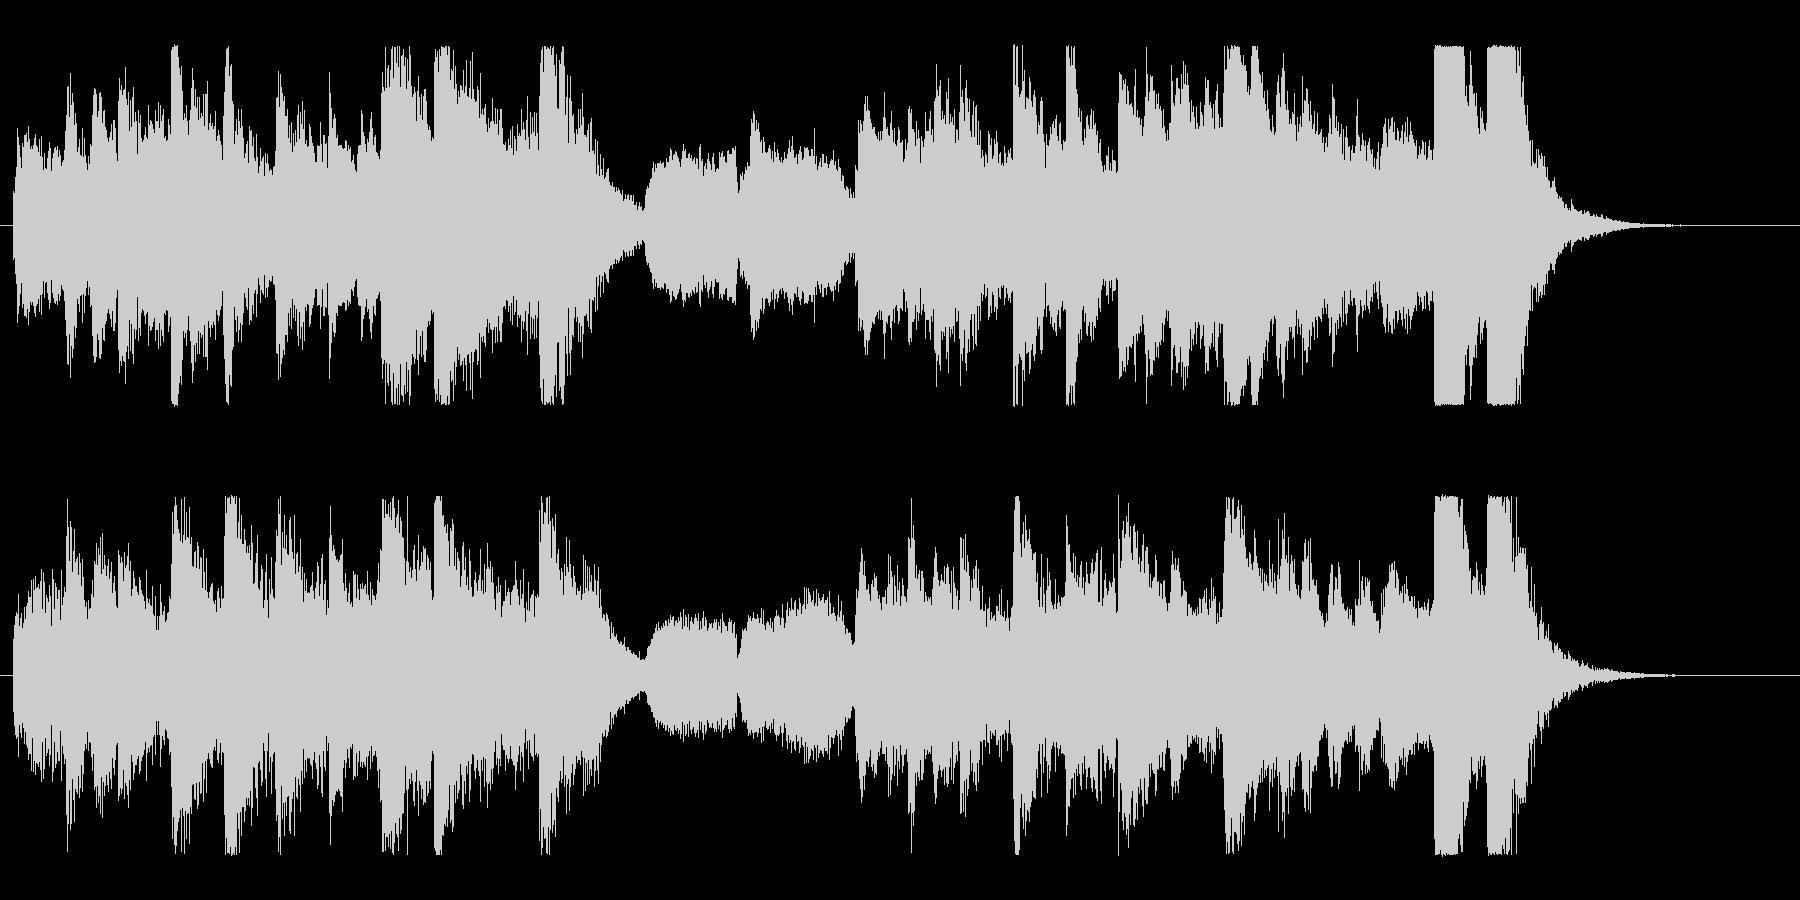 怪しくコミカルなハロウィンオーケストラの未再生の波形